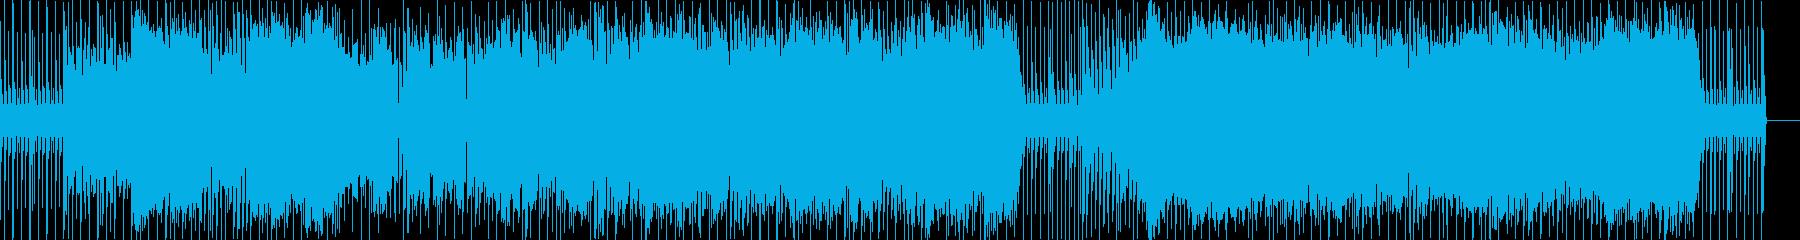 キュートなポップスです。の再生済みの波形